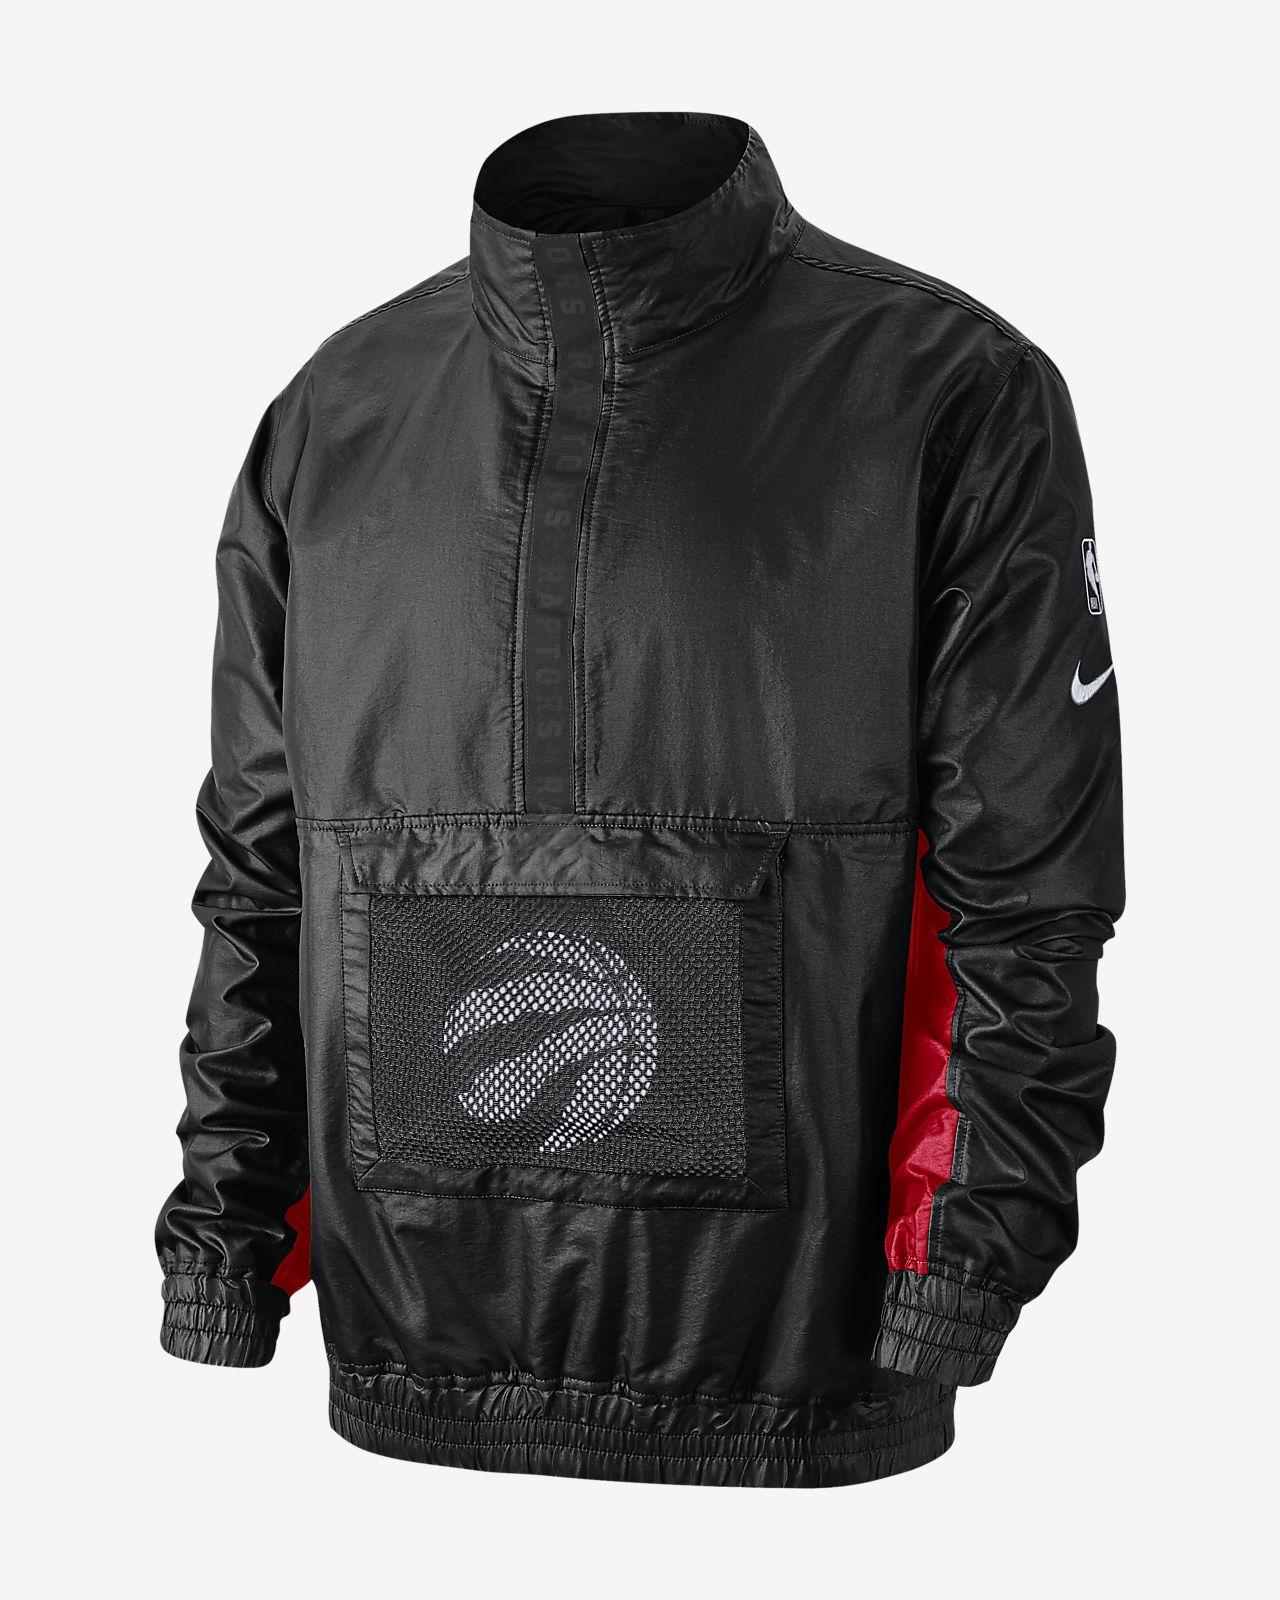 Мужская легкая куртка НБА Toronto Raptors Nike